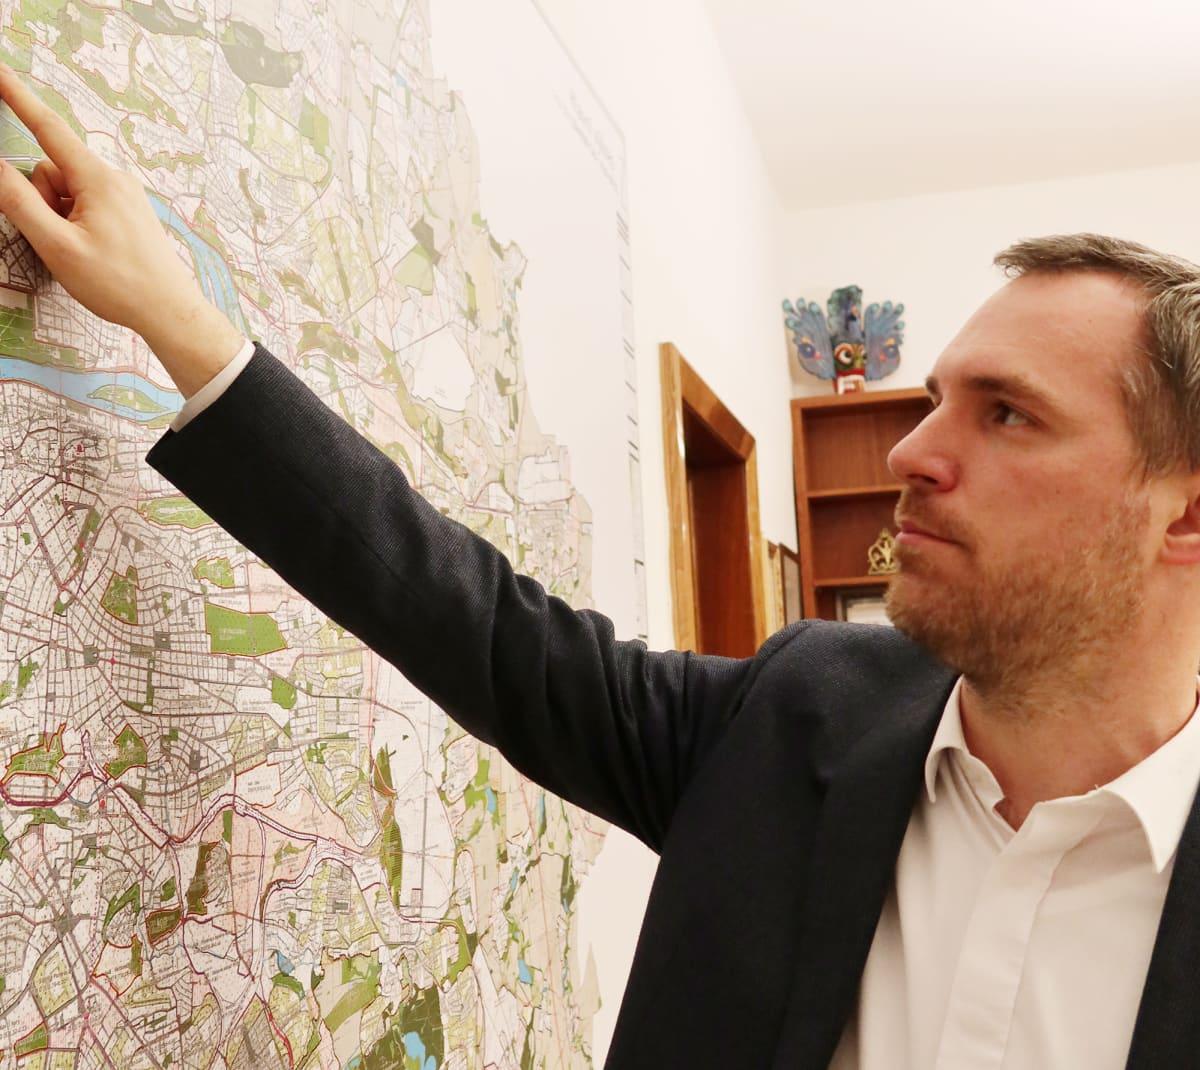 Zdeněk Hřib esittelee Prahan karttaa toimistossaan Prahan keskustassa. Helmikuussa Praha nimesi kaksi Venäjän lähetystön lähellä sijaitsevaa katua tapettujen Kremlin kriitikoiden mukaan.